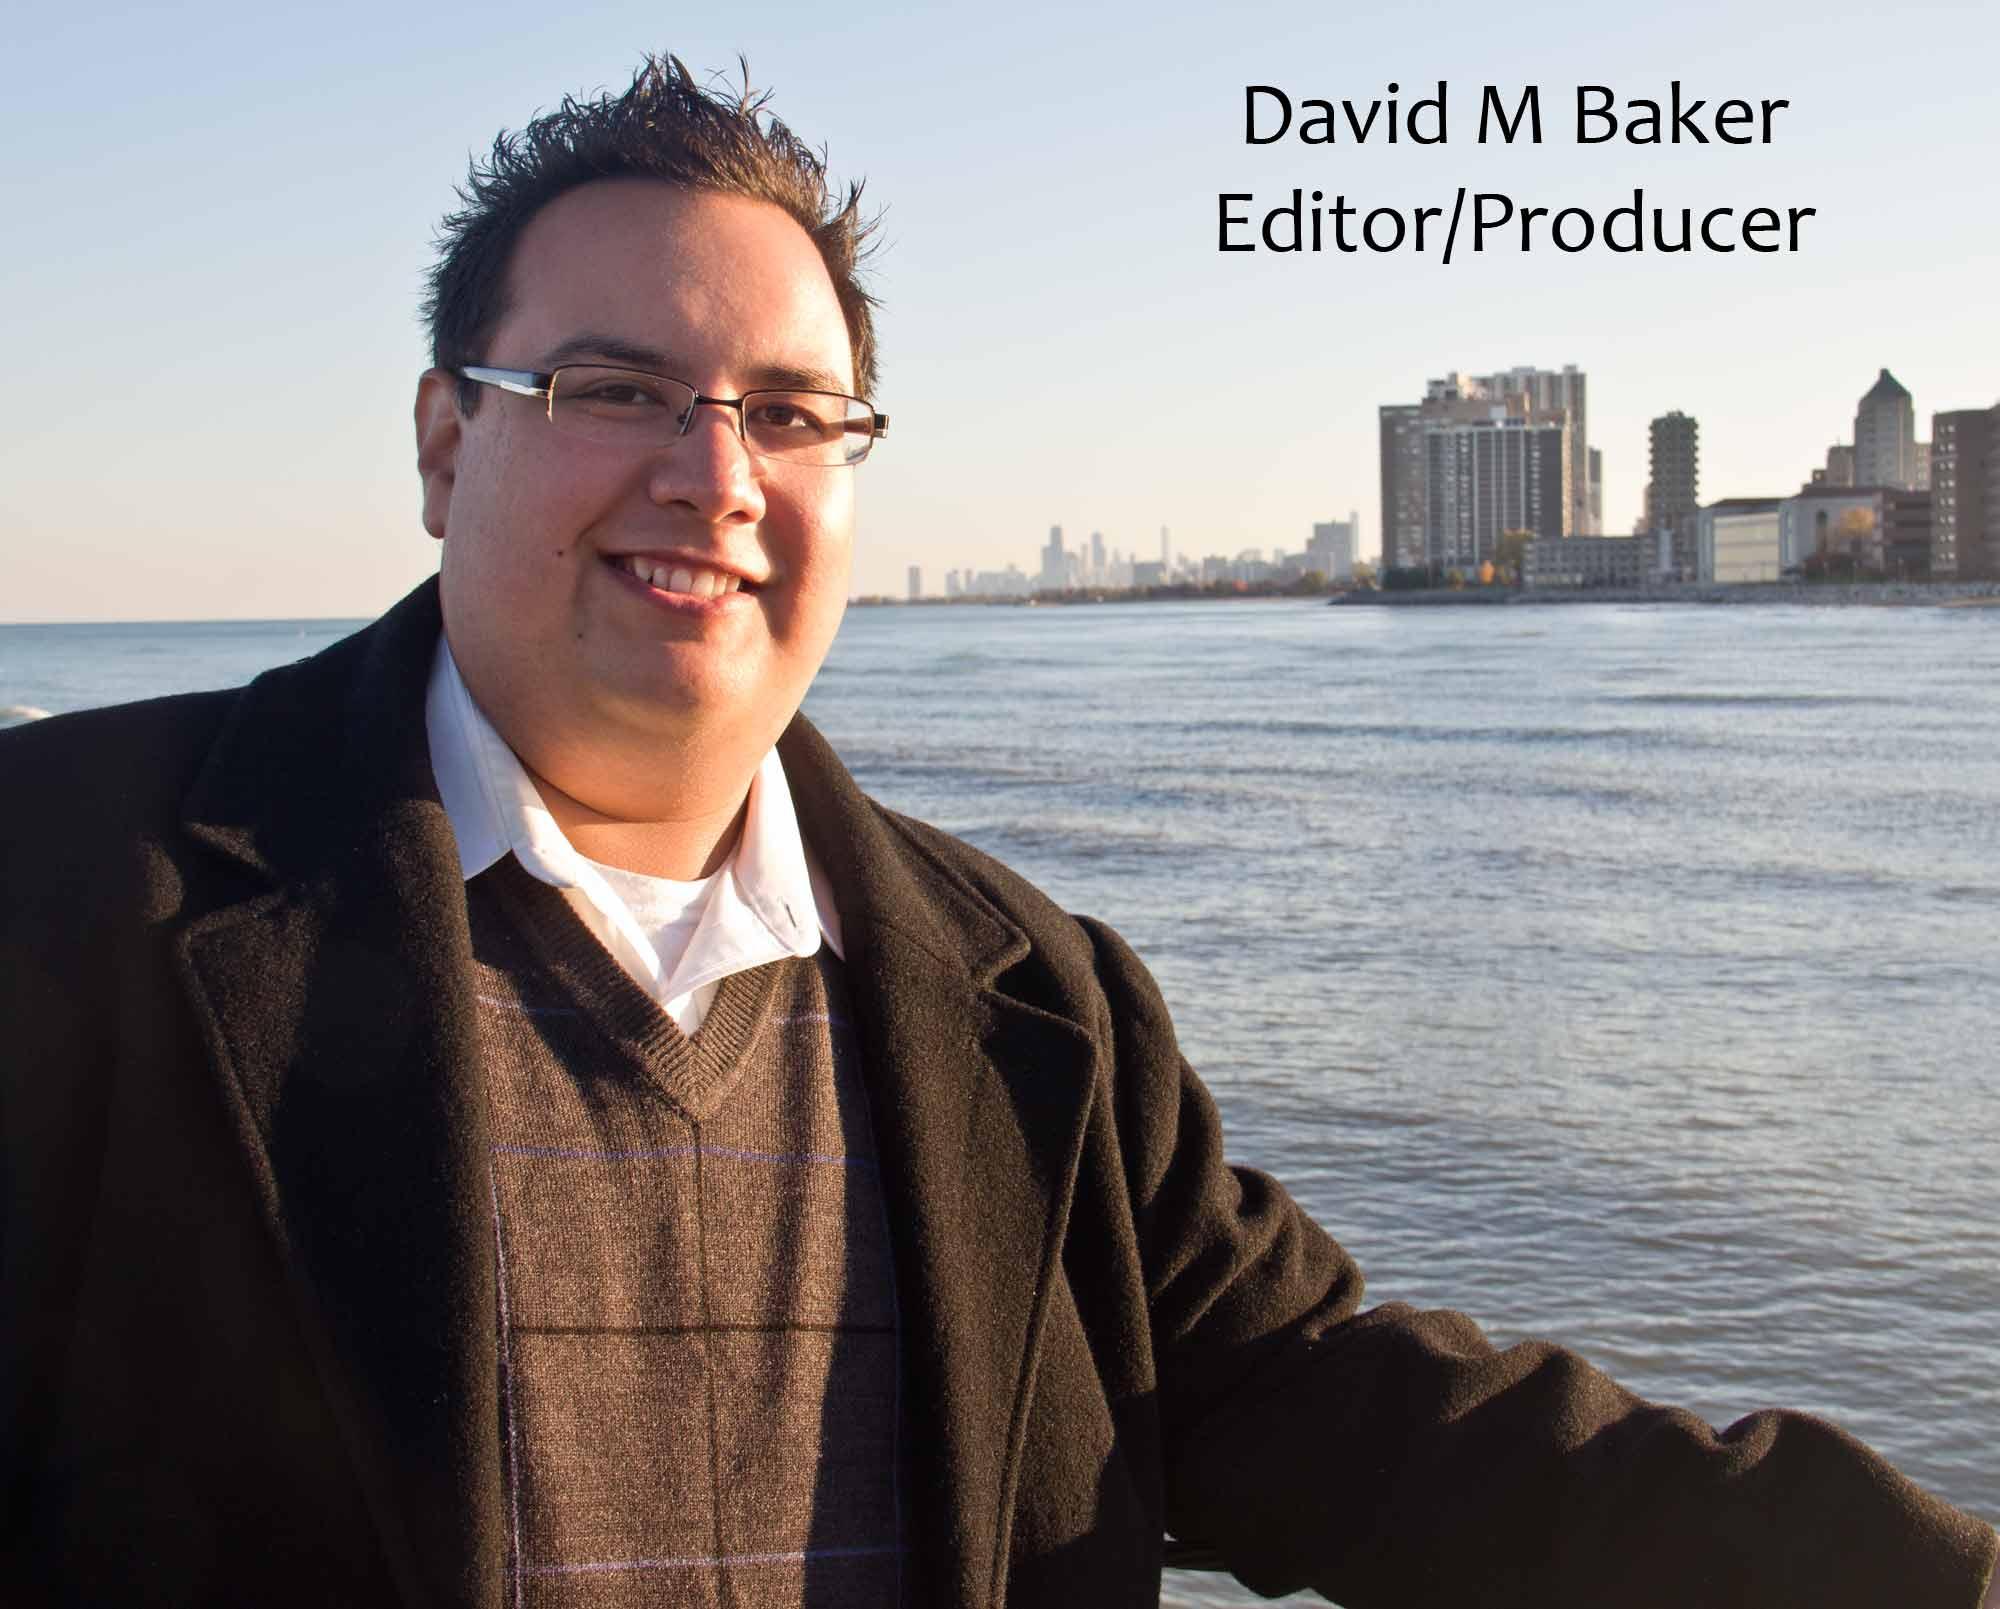 David M Baker: Editor & Producer